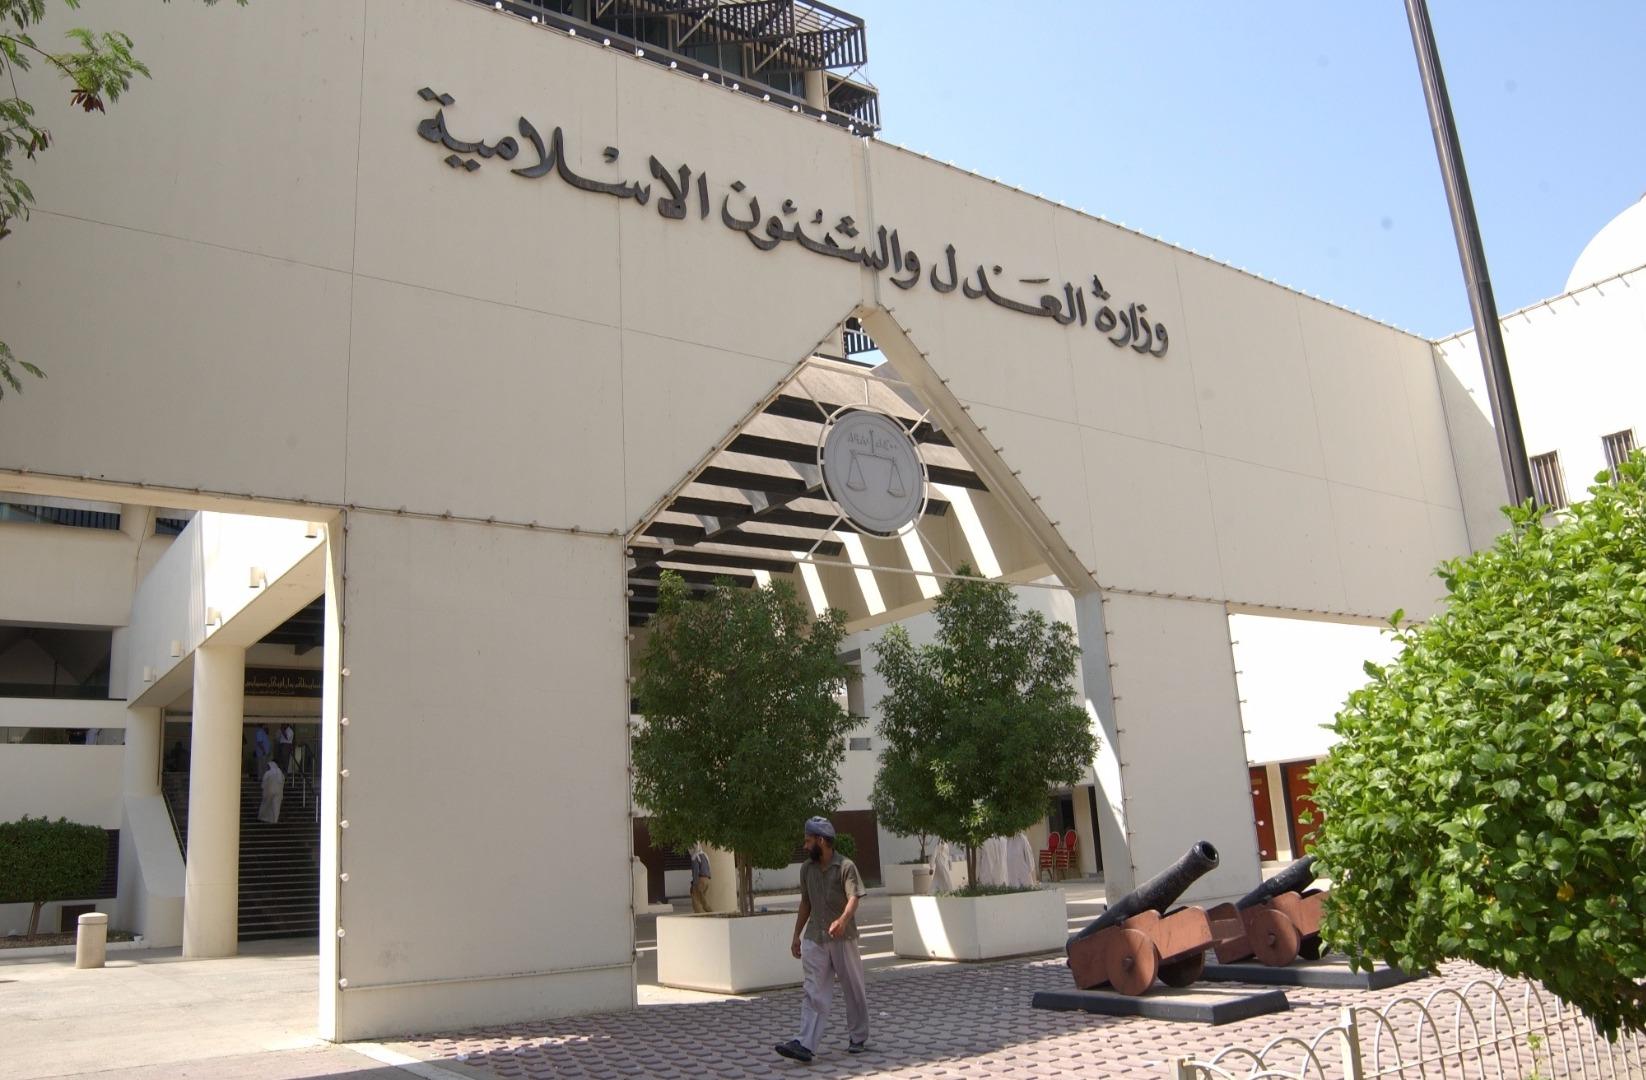 منظمات حقوقيّة: البحرين… 36 حكمًا بالإعدام لقضايا سياسيّة في 8 أعوام